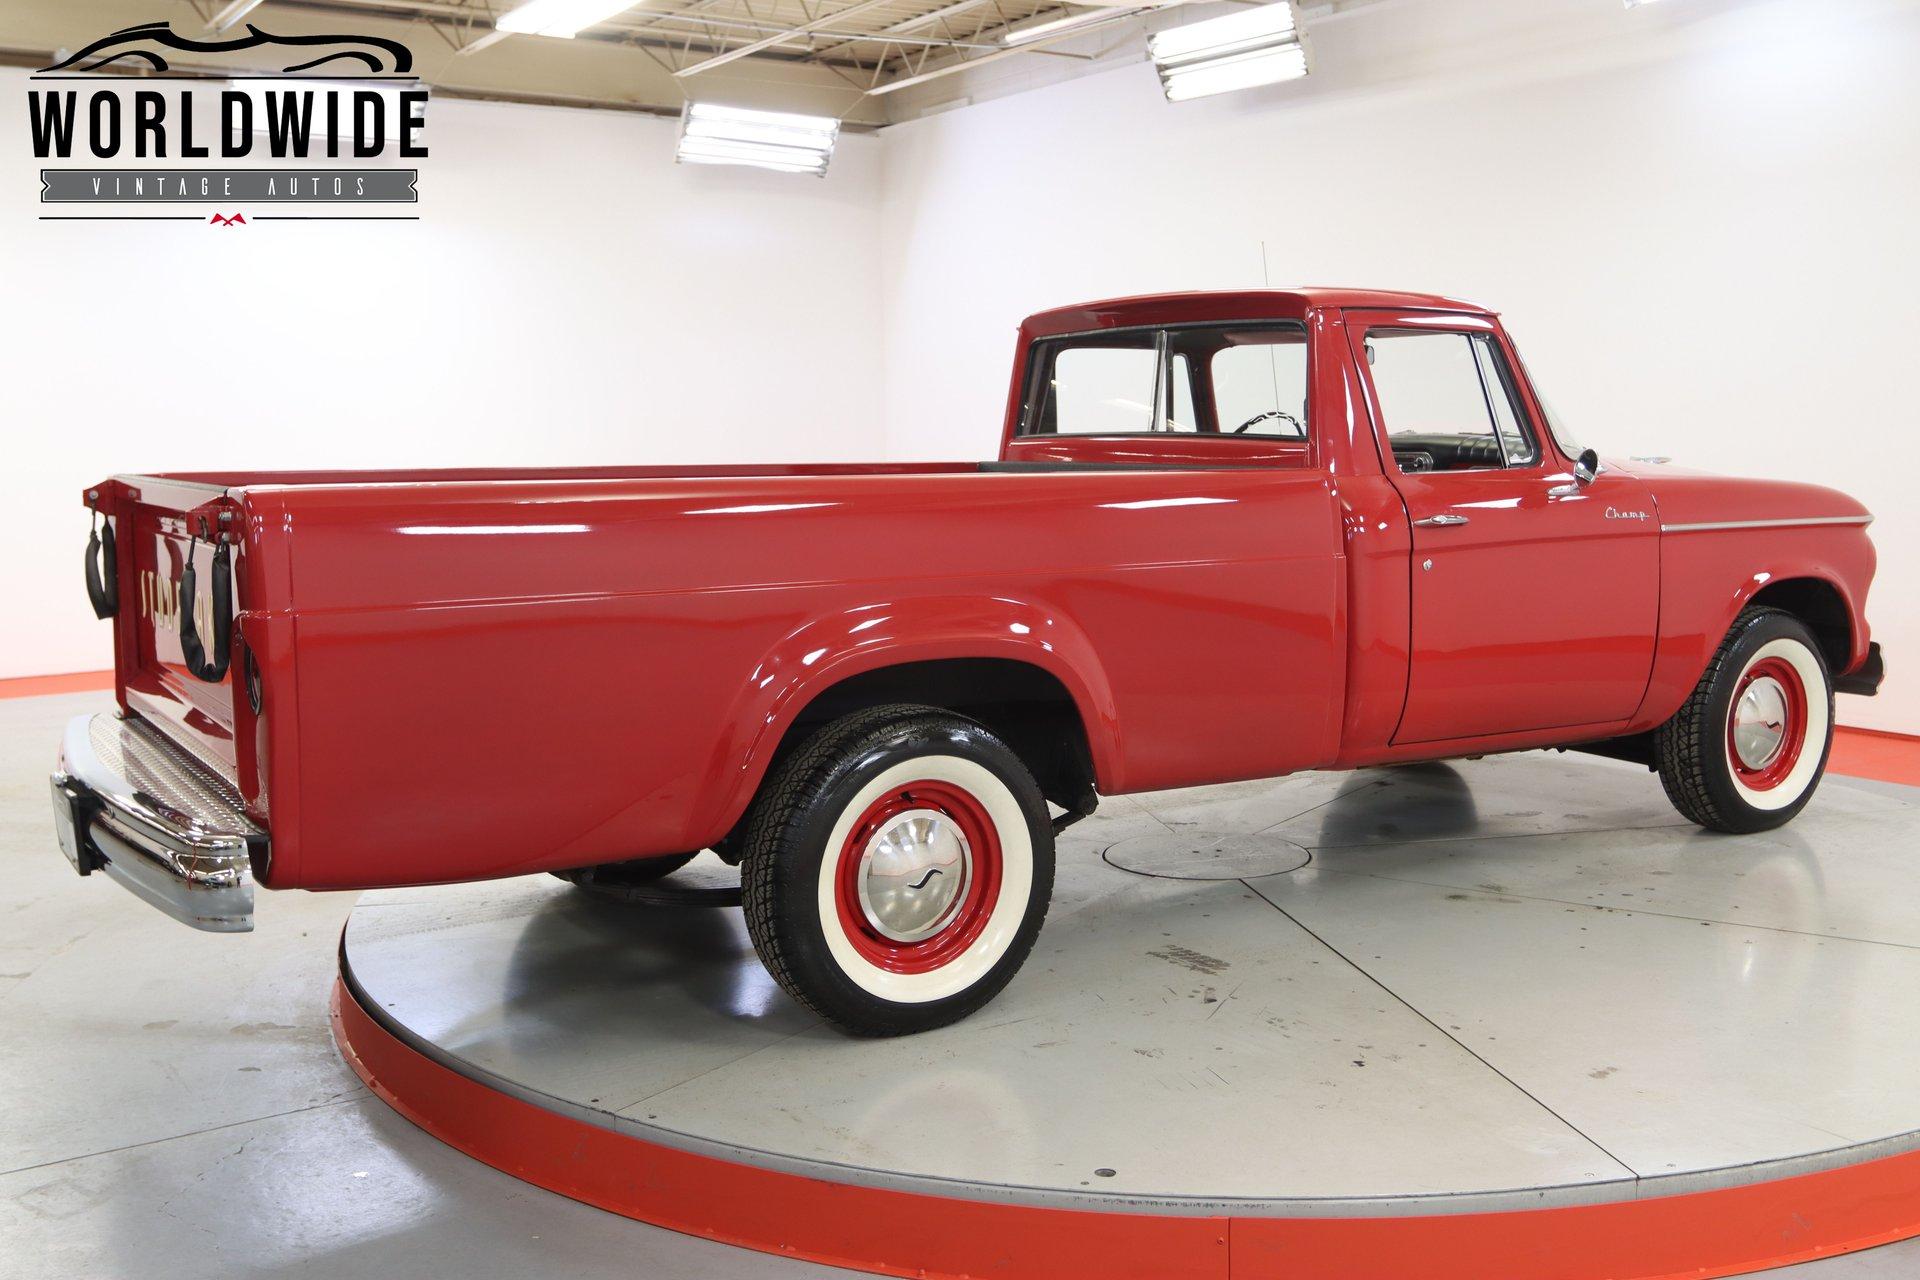 1961 Studebaker Champ